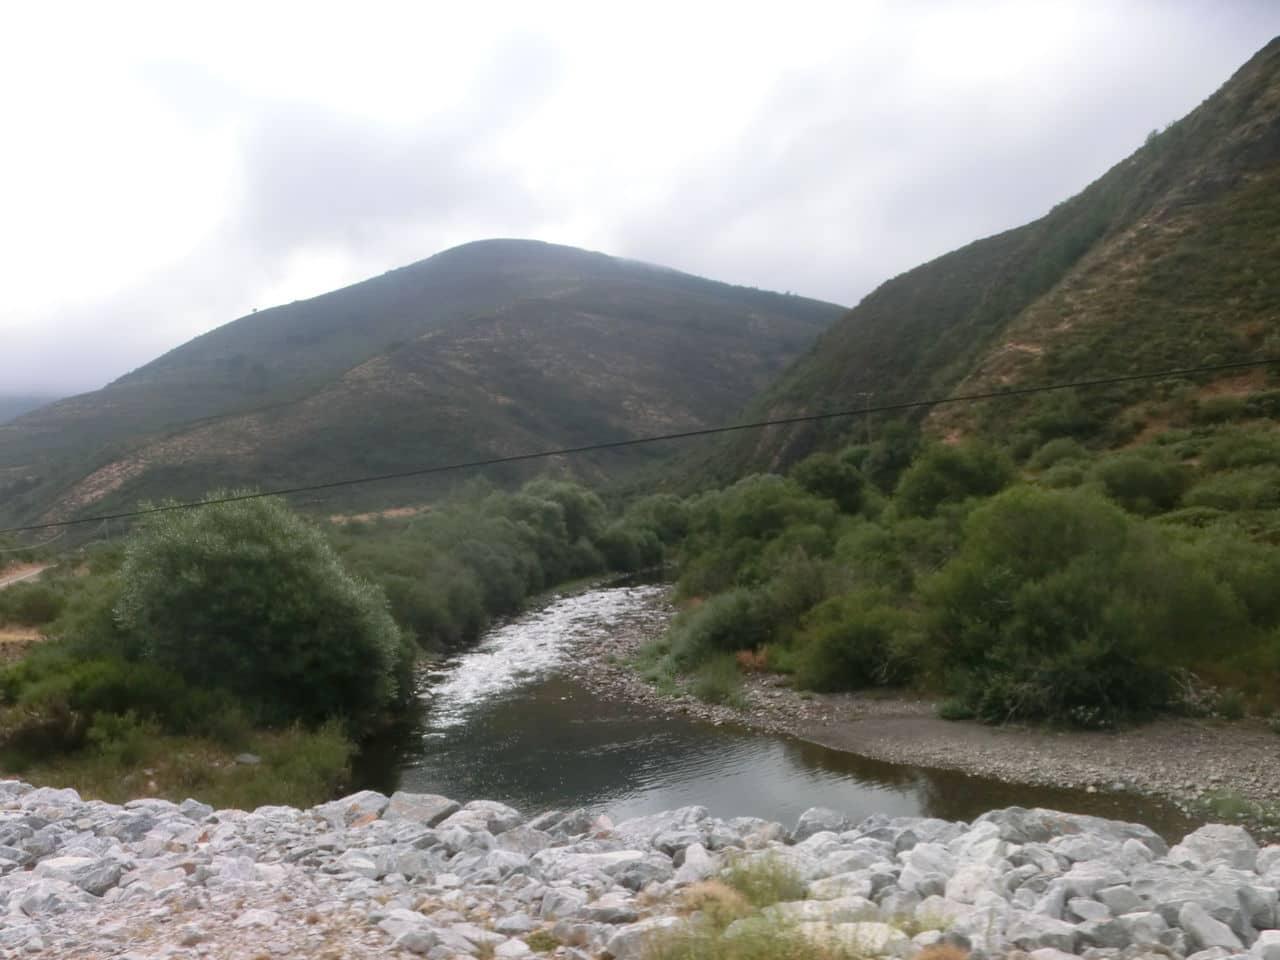 Summer roadtrip 2015 - Picos da Europa - Página 2 CIMG6359